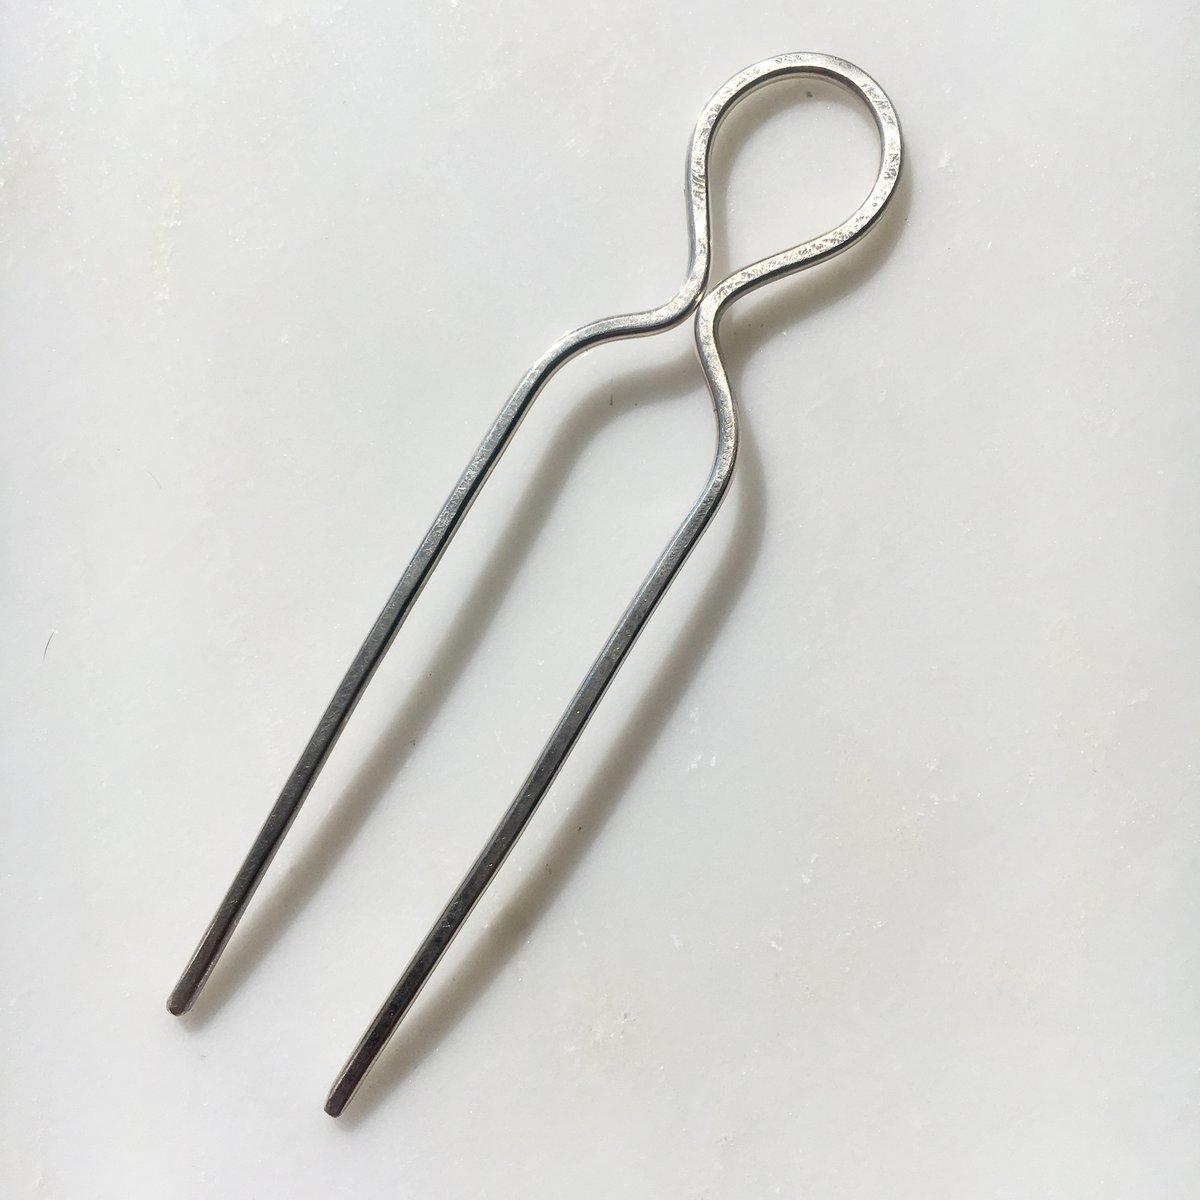 Image of sterling silver loop hair pin